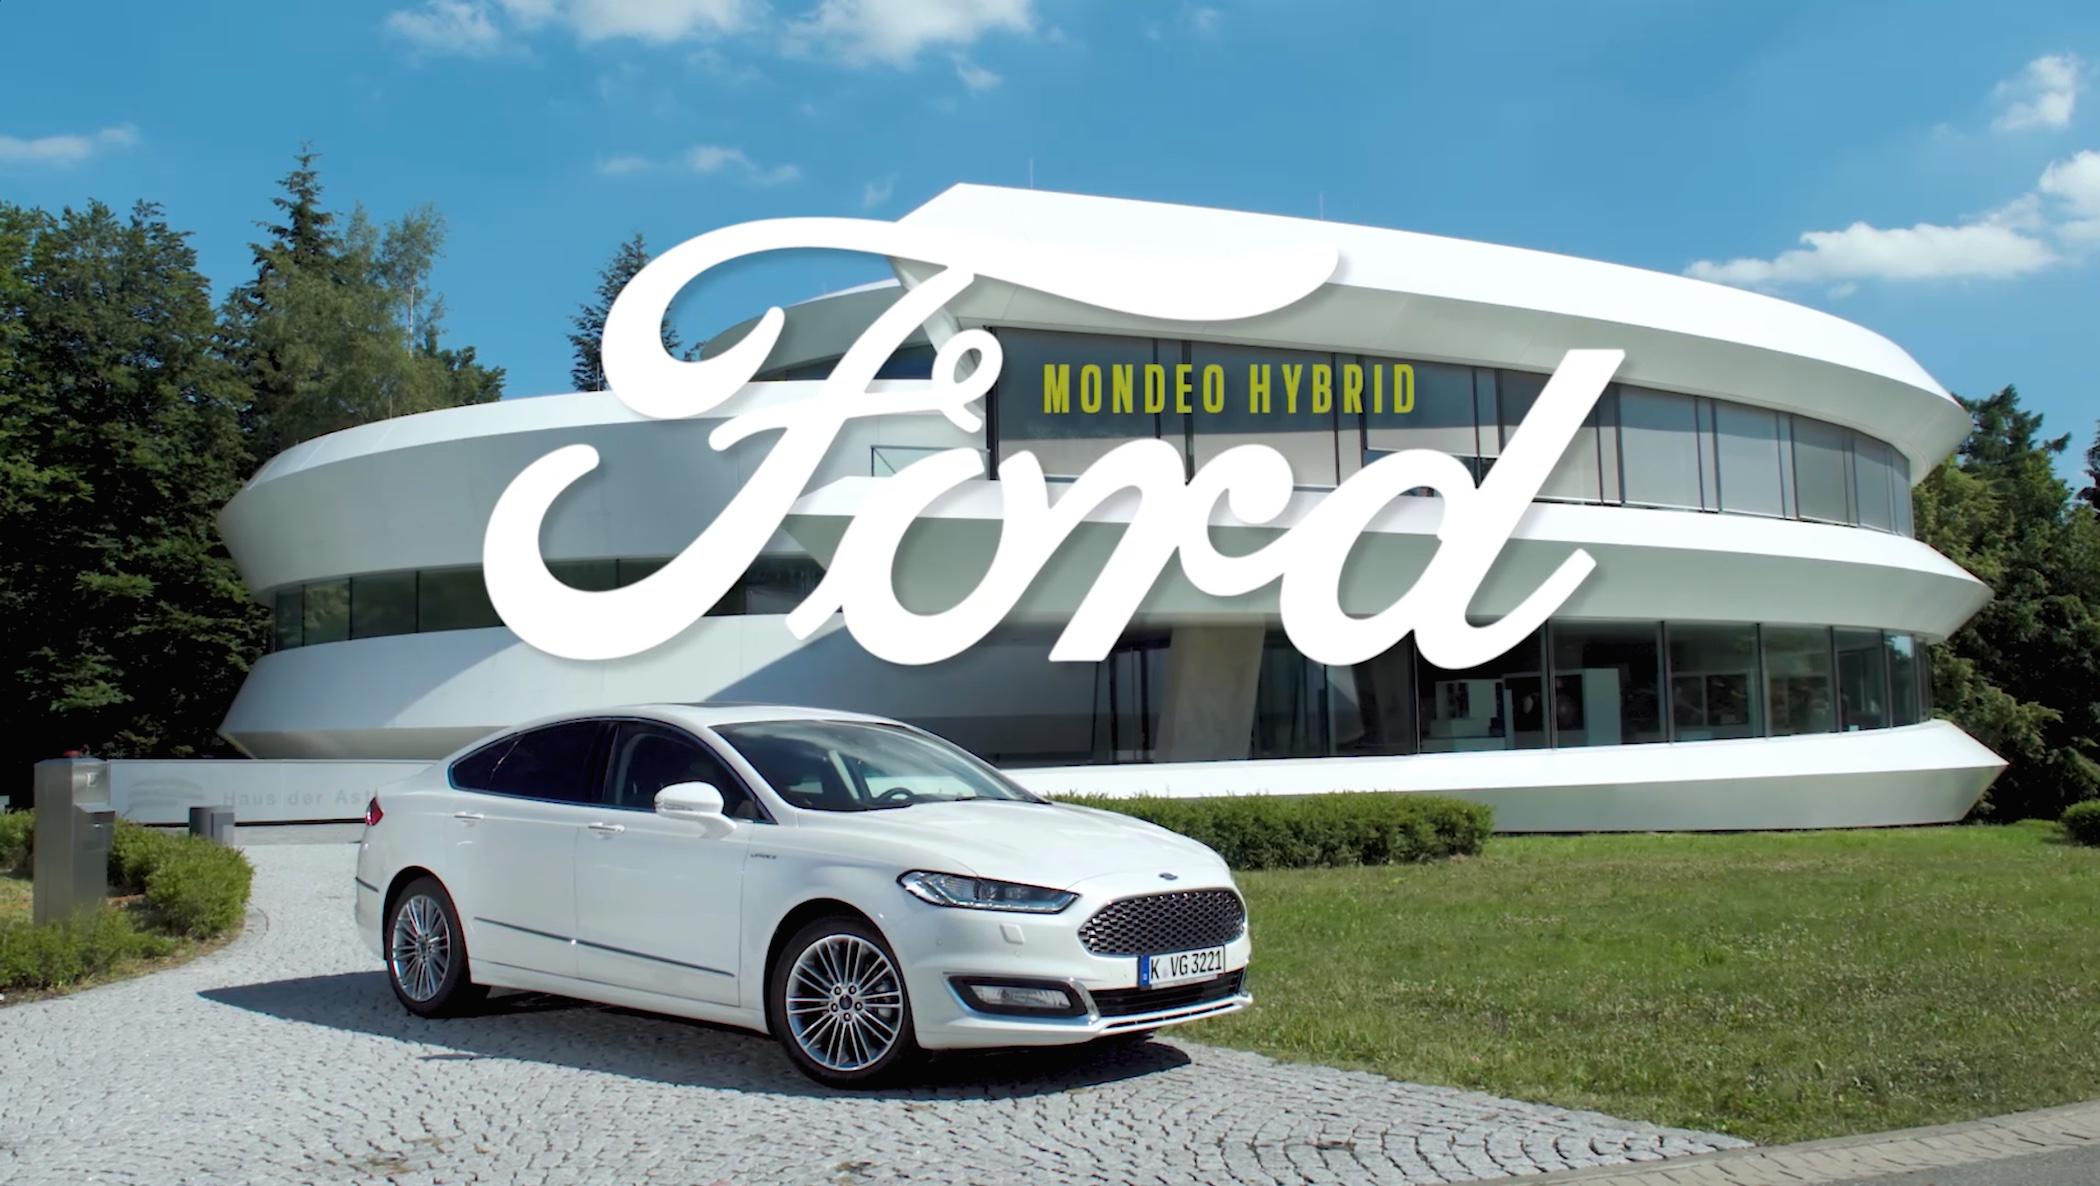 Ford ModeoHybrid Vignale 06 2018 - werbung